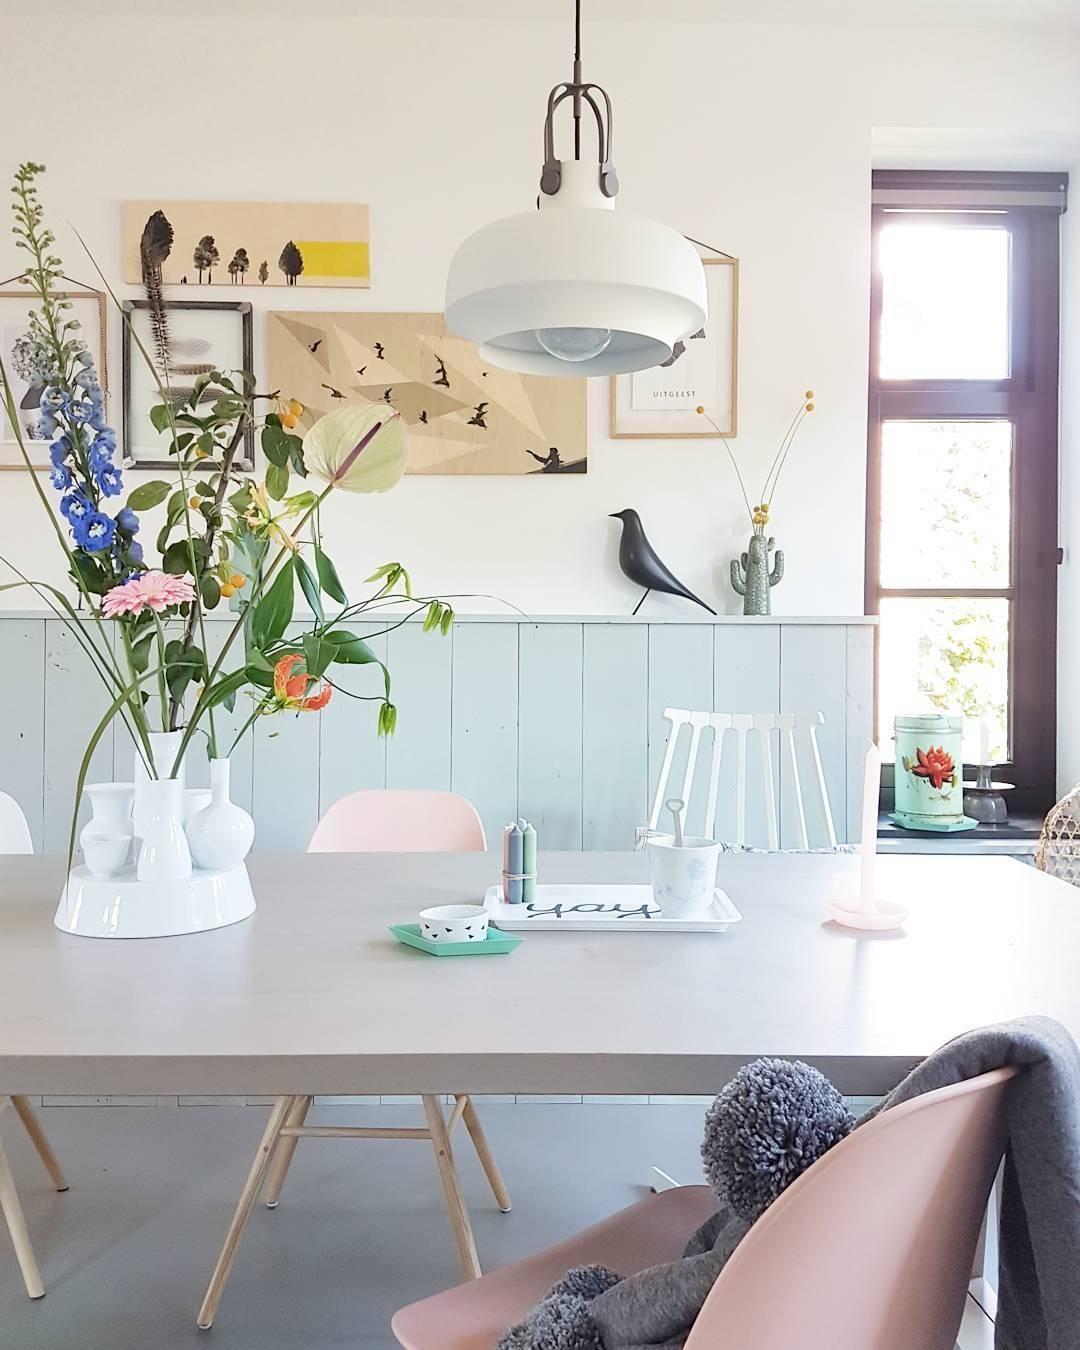 Softe Pastelltöne, zauberhafte Wohn-Accessoires und frische Blumen